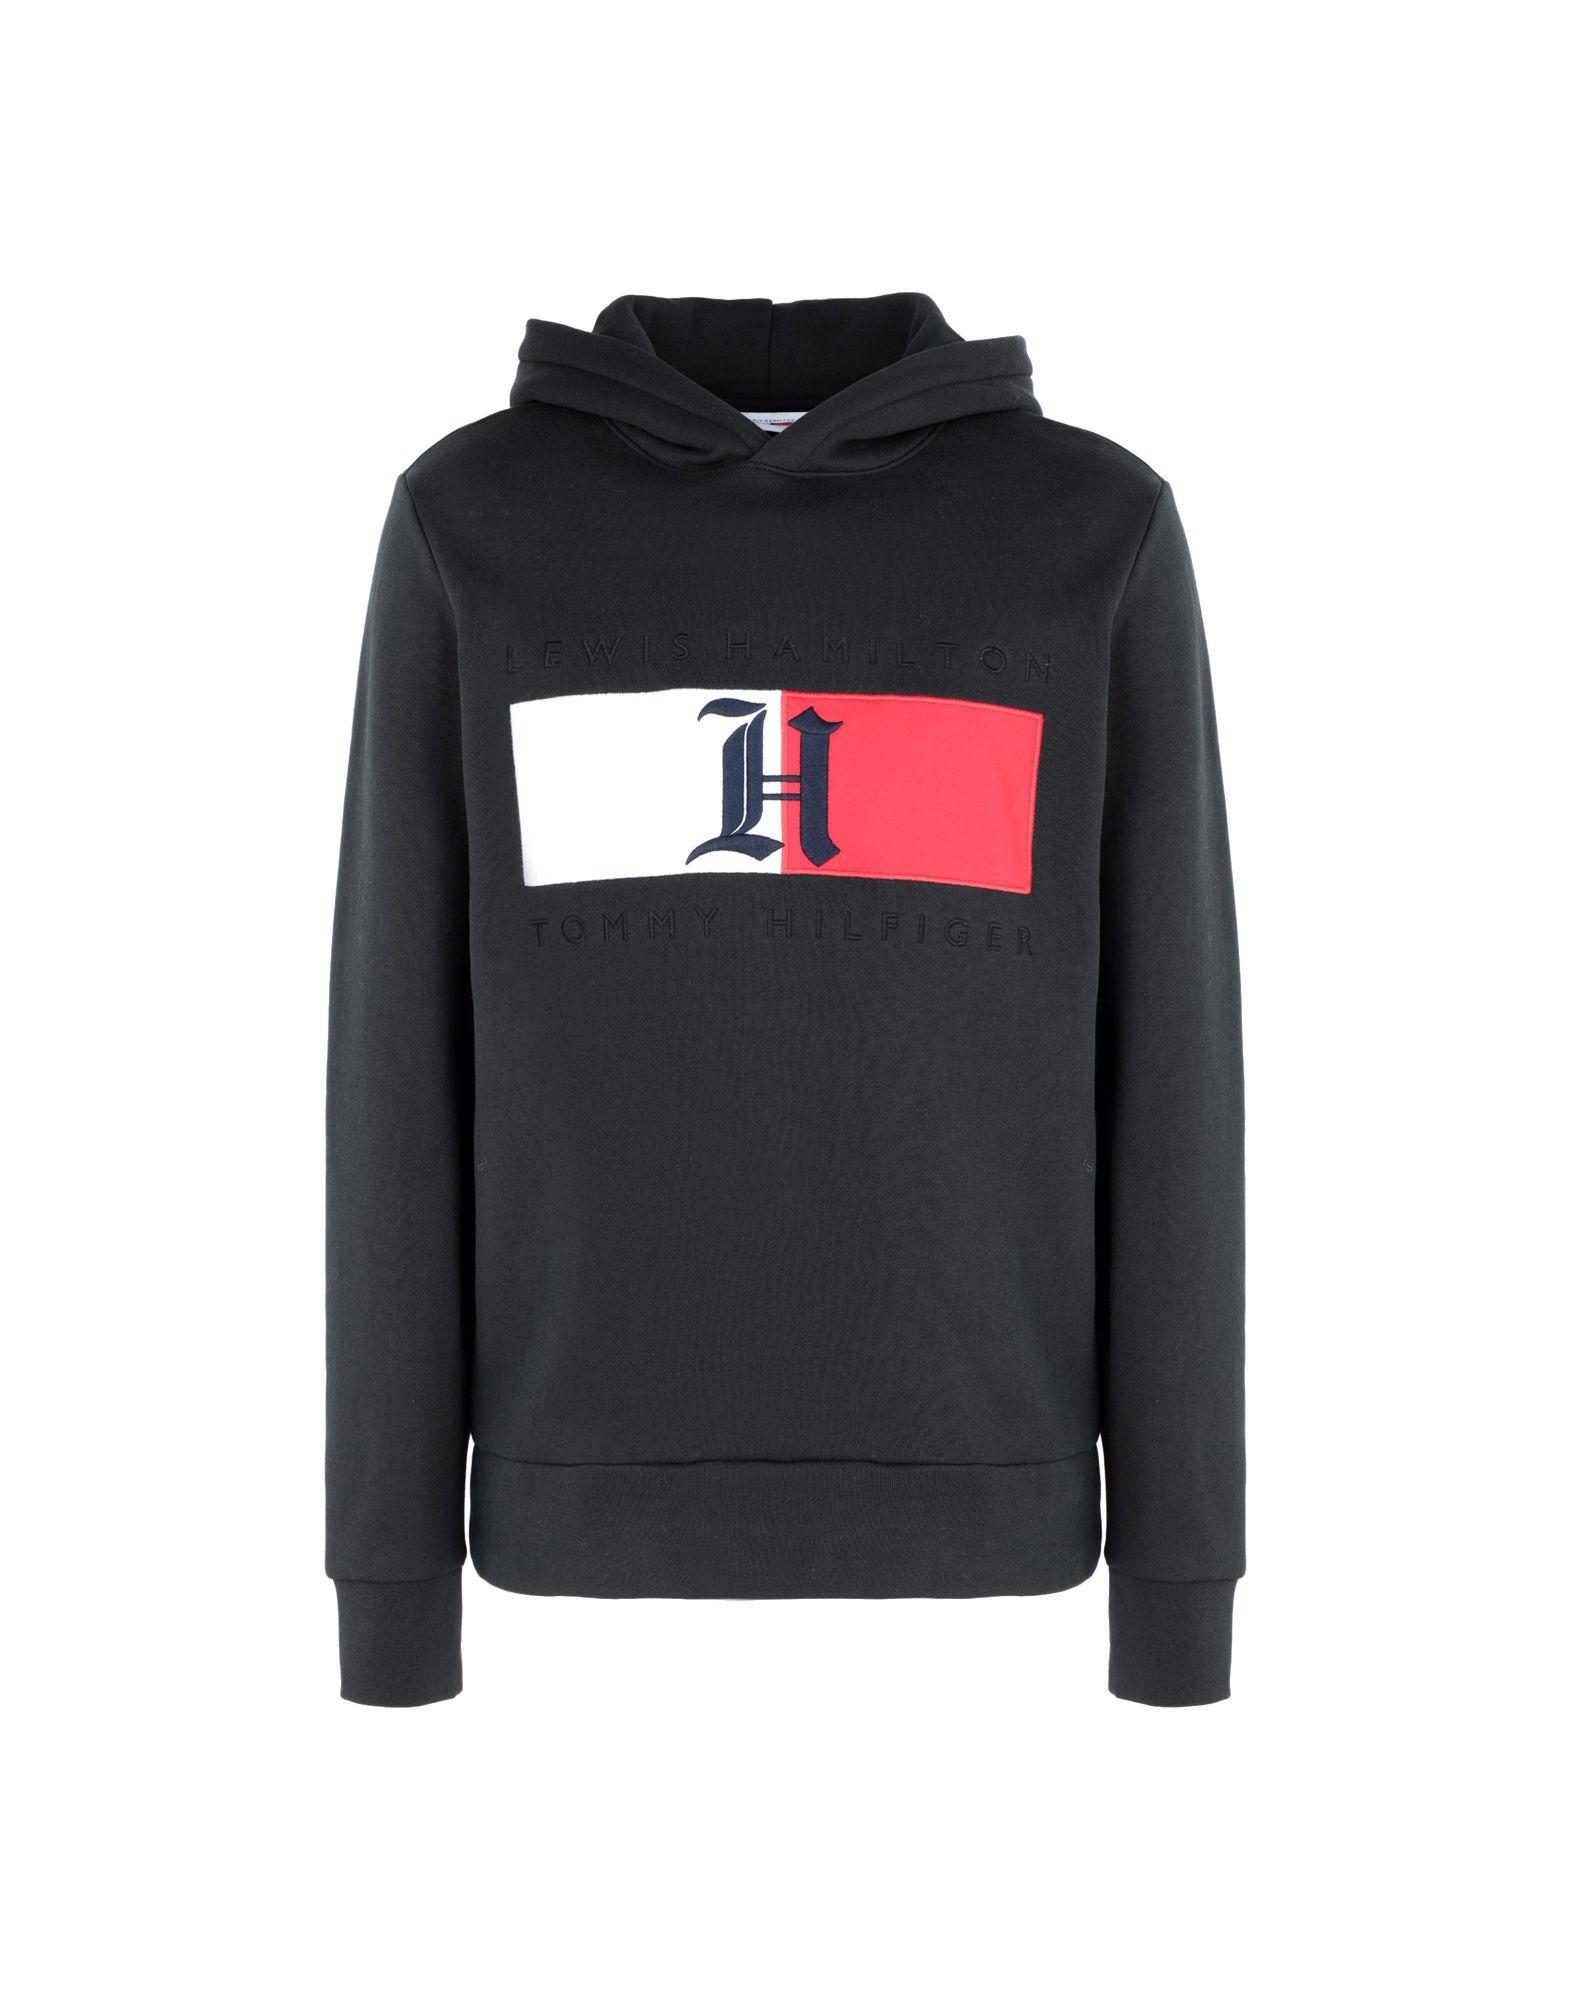 《セール開催中》TOMMY HILFIGER メンズ スウェットシャツ ブラック XL コットン 71% / ポリエステル 29% LEWIS HAMILTON FLAG SWEATSHIRTS